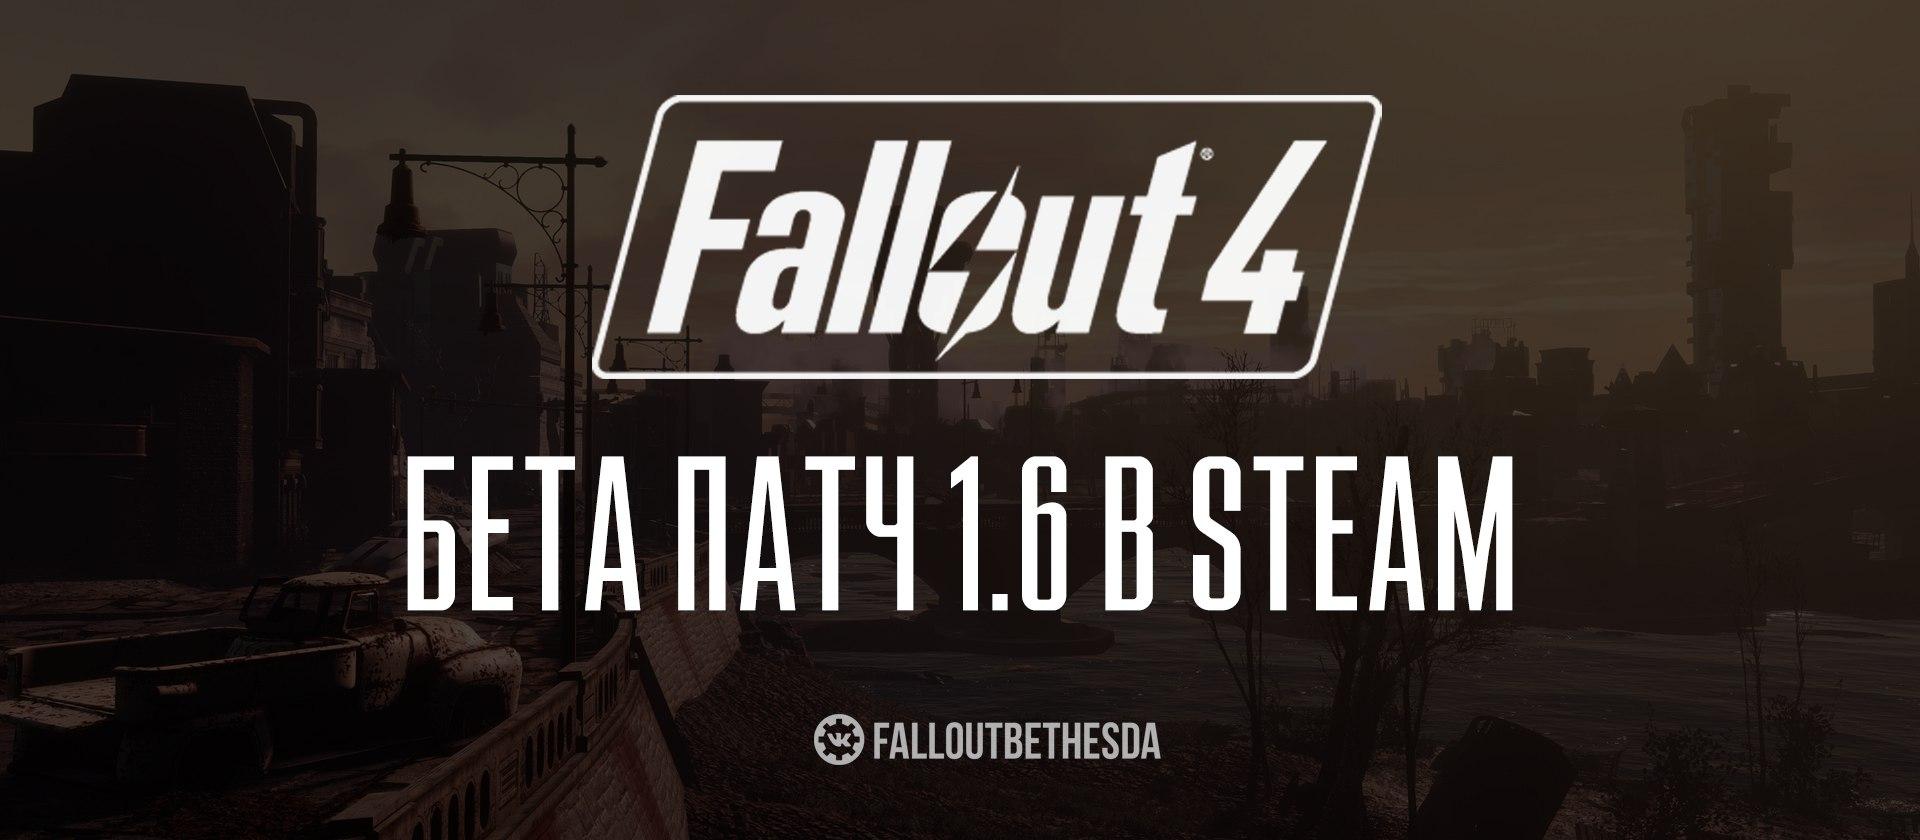 В Steam доступен бета-патч 1.